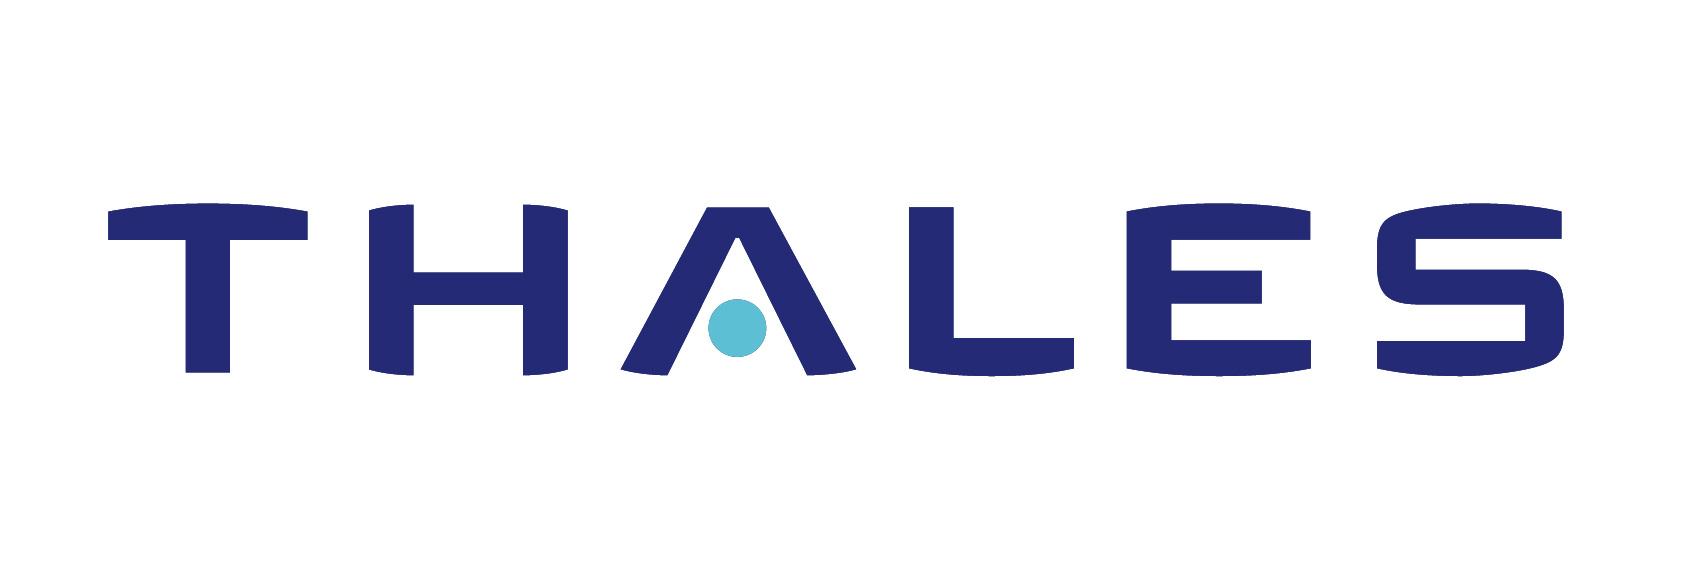 Решение Thales для безопасной удаленной работы